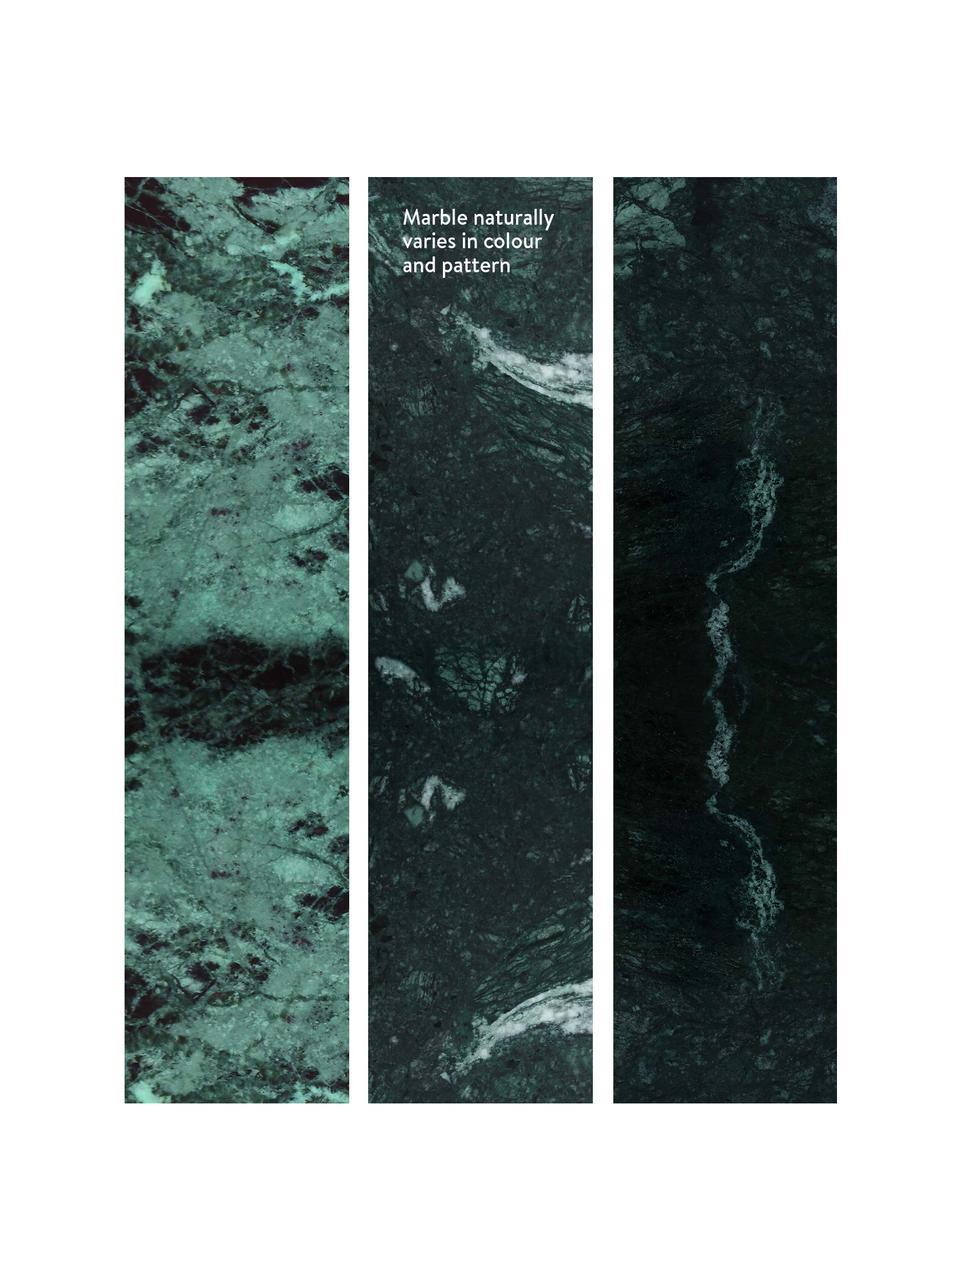 Marmor-Beistelltisch Alys, Tischplatte: Marmor, Gestell: Metall, pulverbeschichtet, Grüner Marmor, Goldfarben, 45 x 50 cm